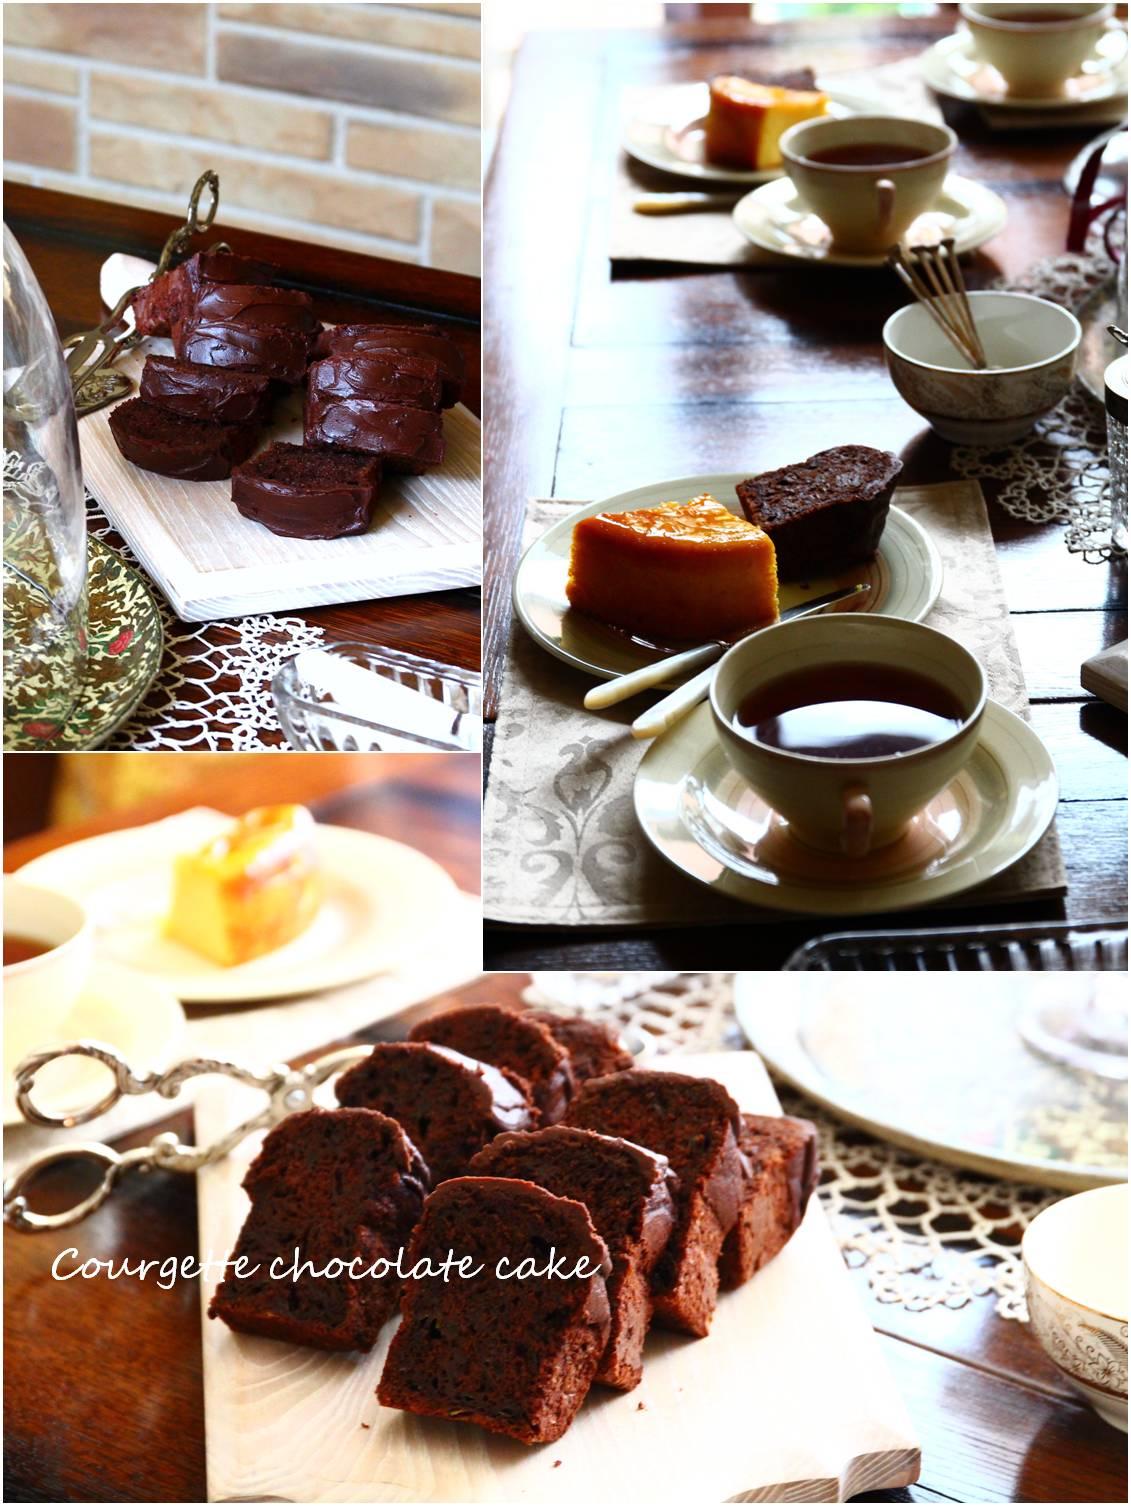 ズッキーニチョコレートケーキ_a0107981_103055.jpg